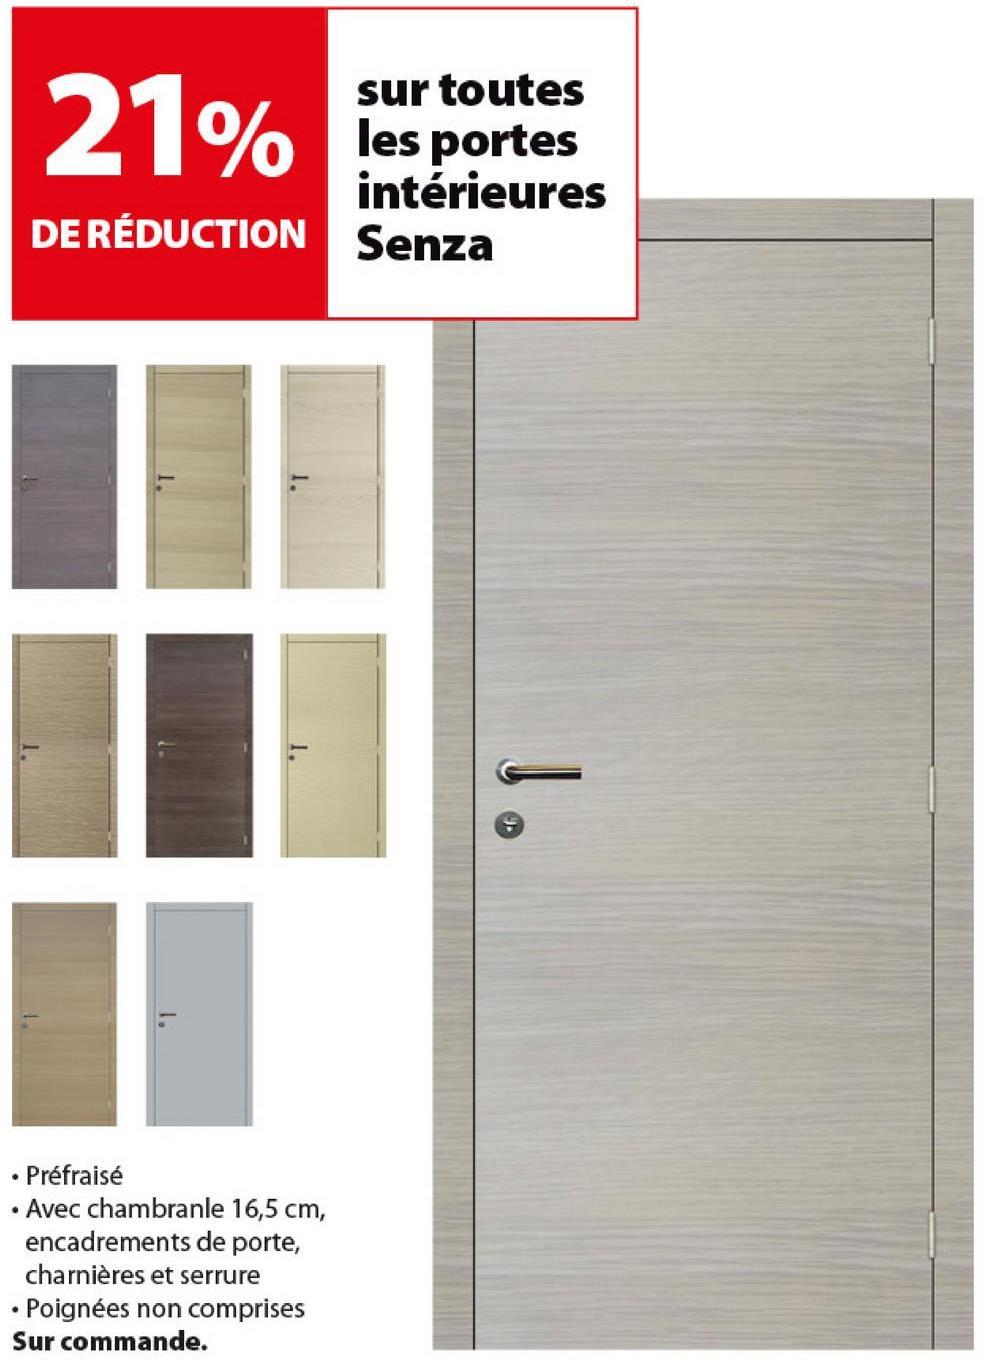 Panneau de porte intérieure Senza stratifié horizontal 201,5x63 cm chê -